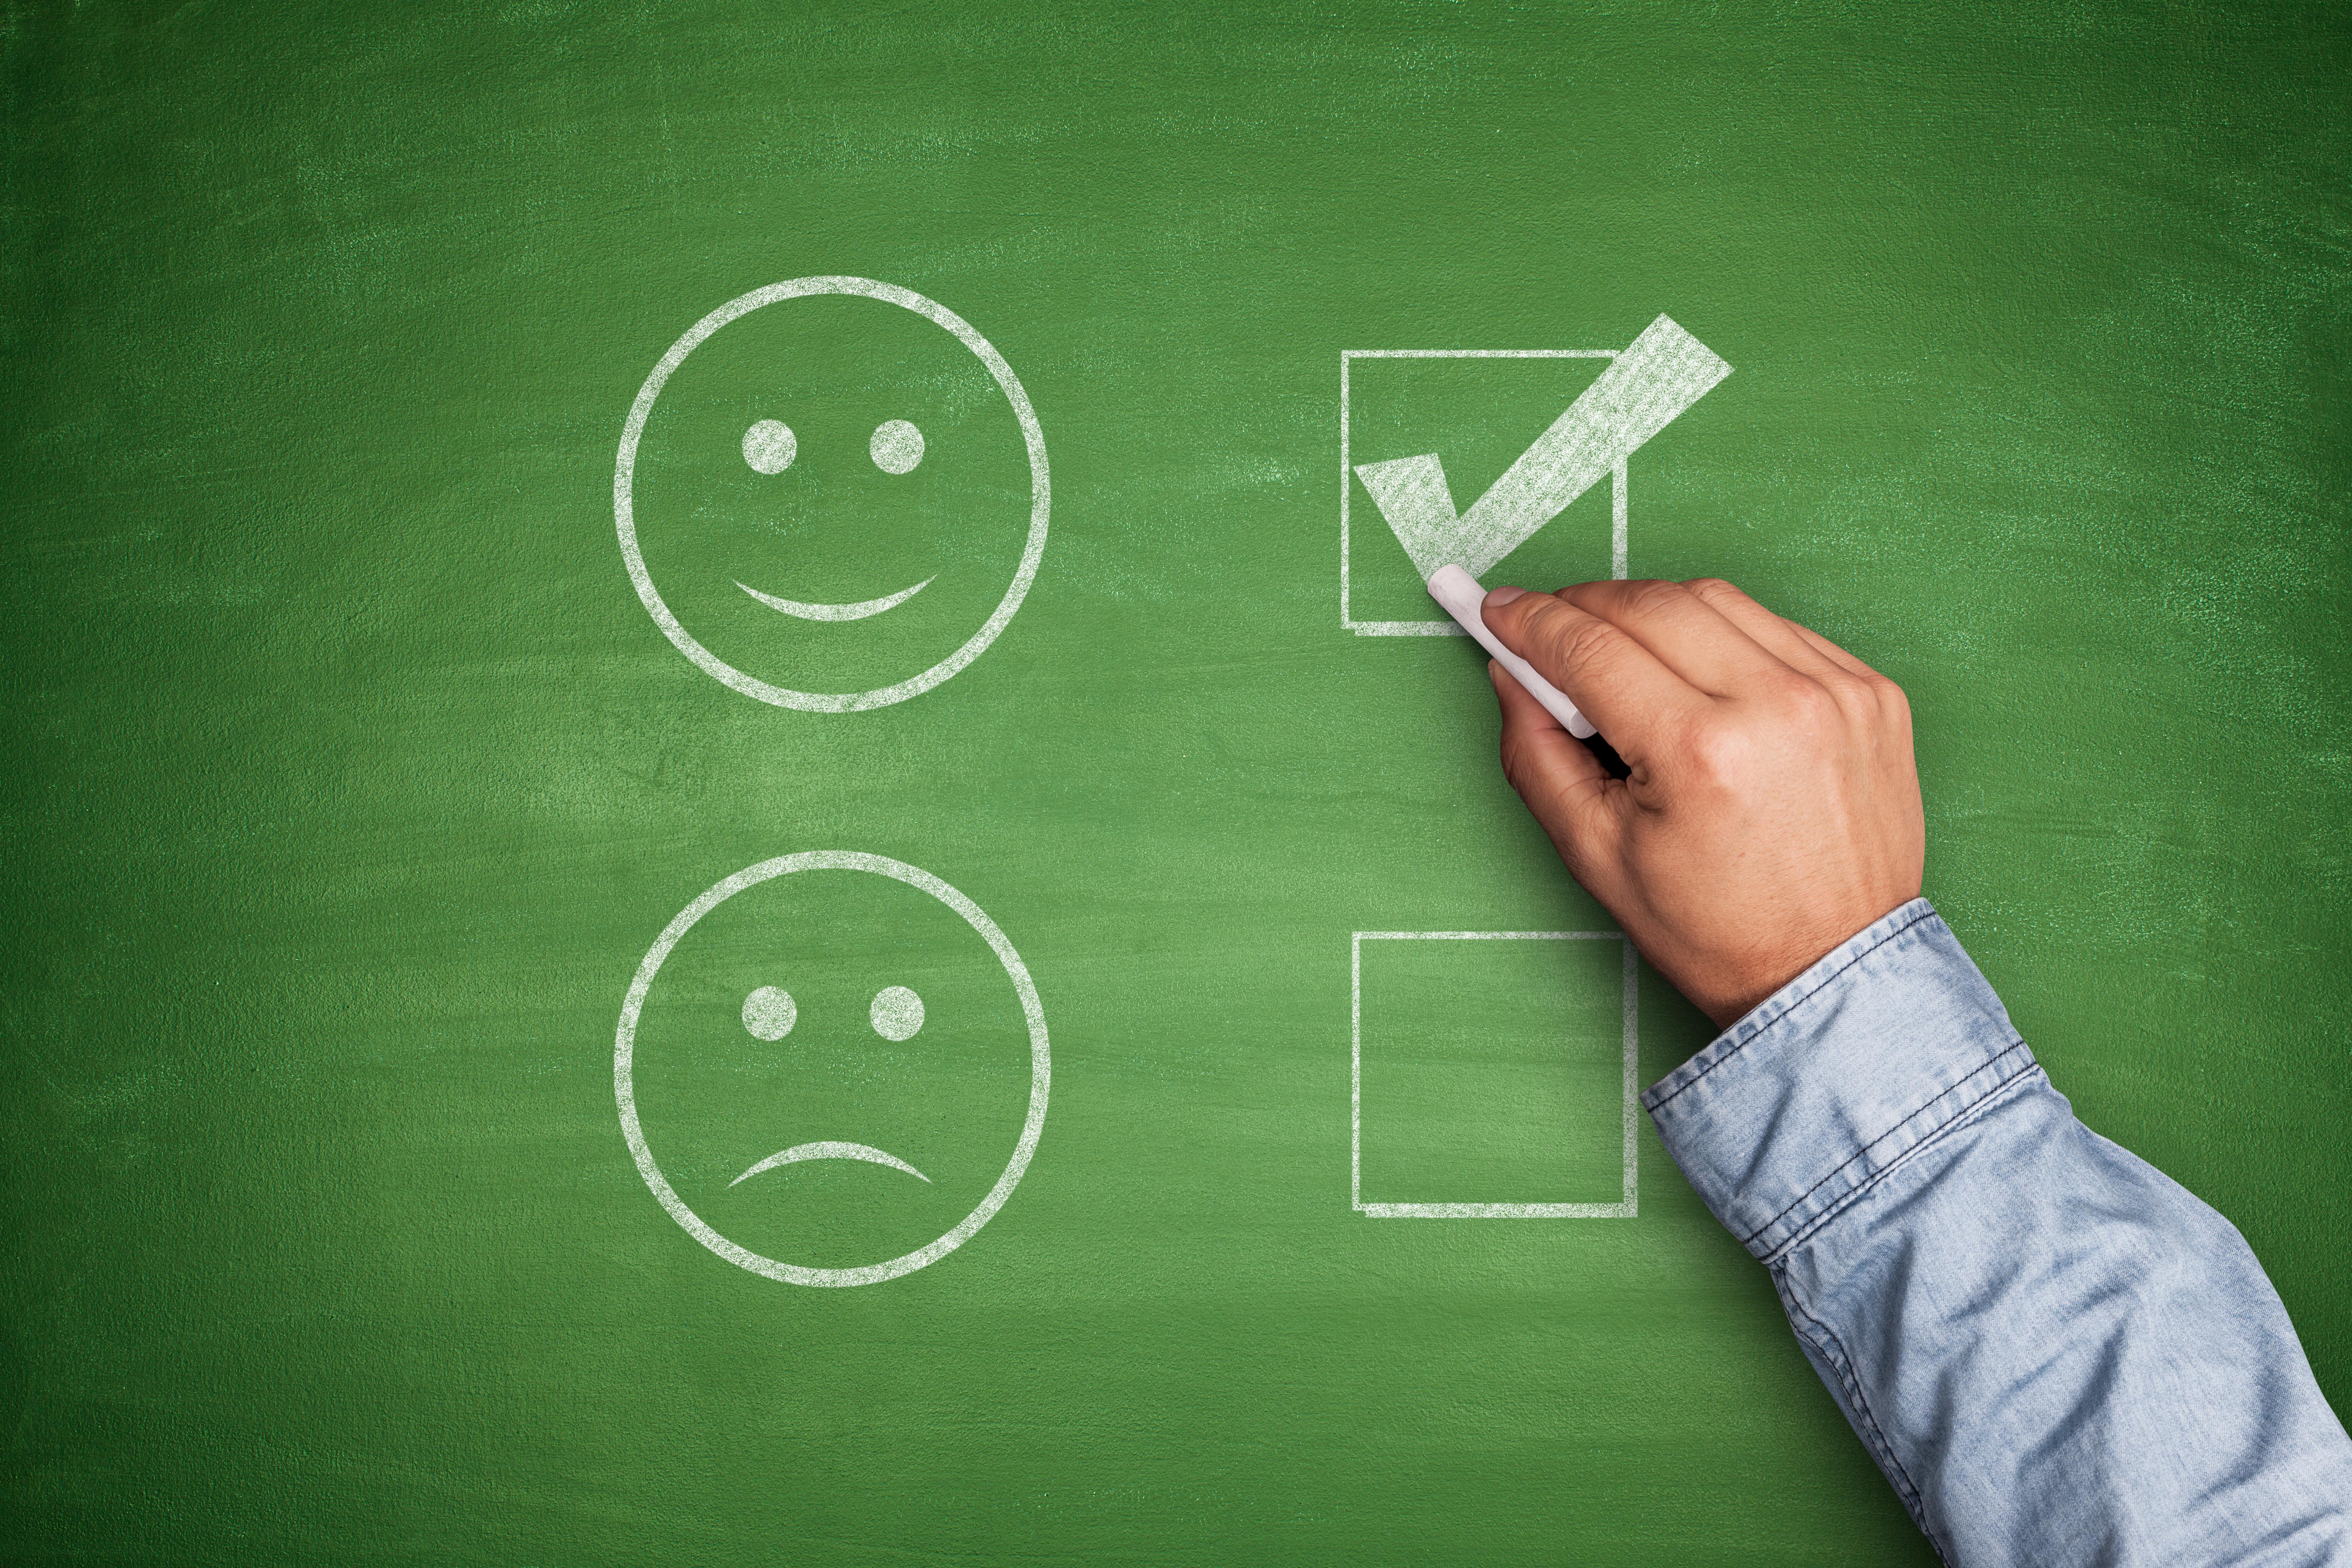 ¿Cómo lograr que mis clientes me refieran a otros?